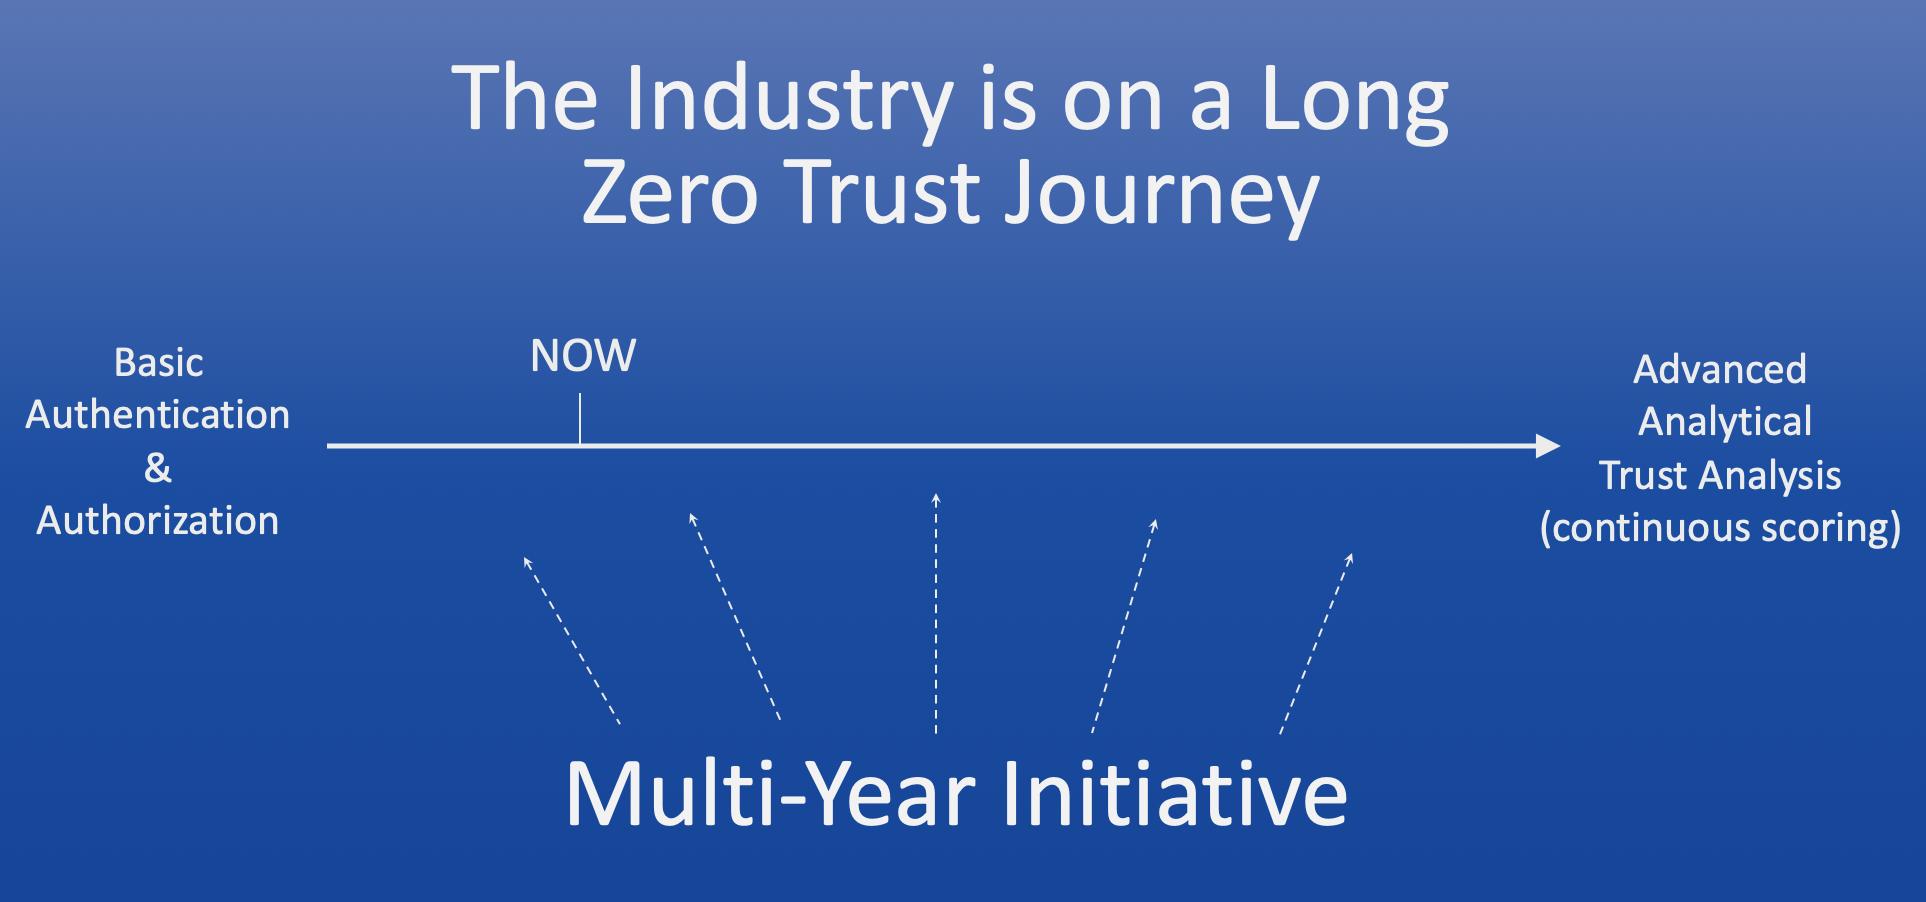 Zero Trust journey